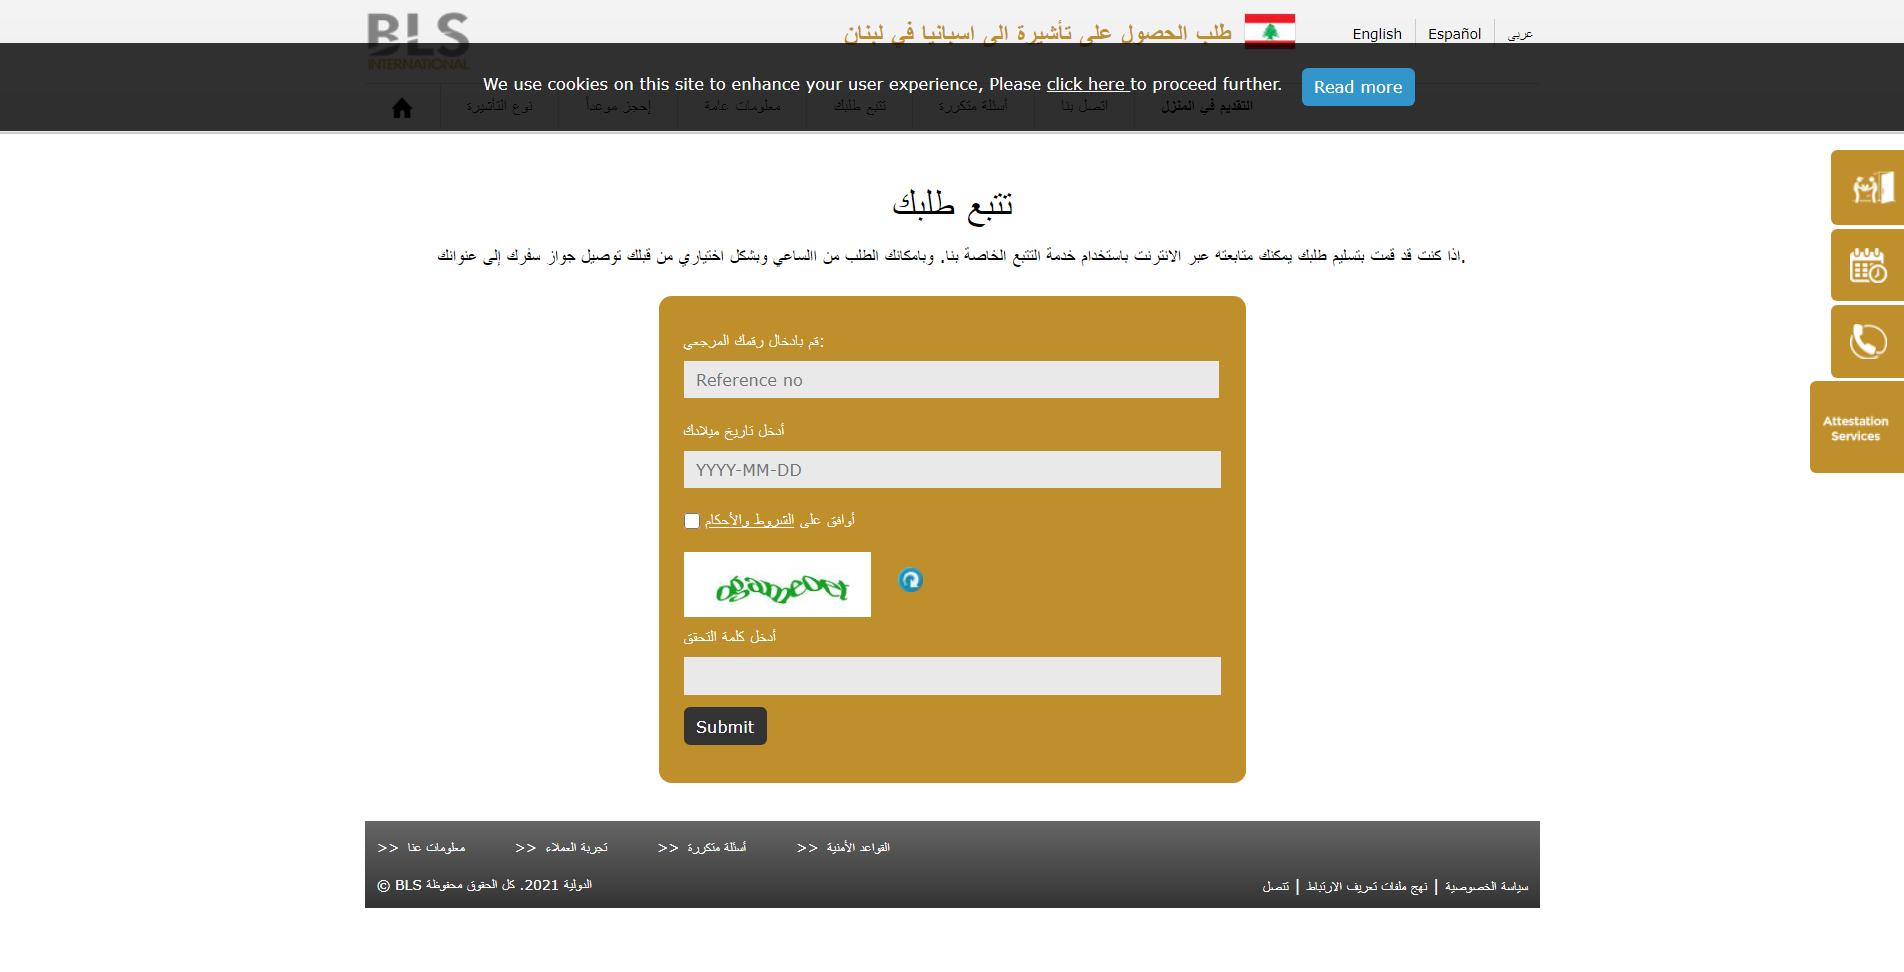 تتبع طلب فيزا اسبانيا من لبنان